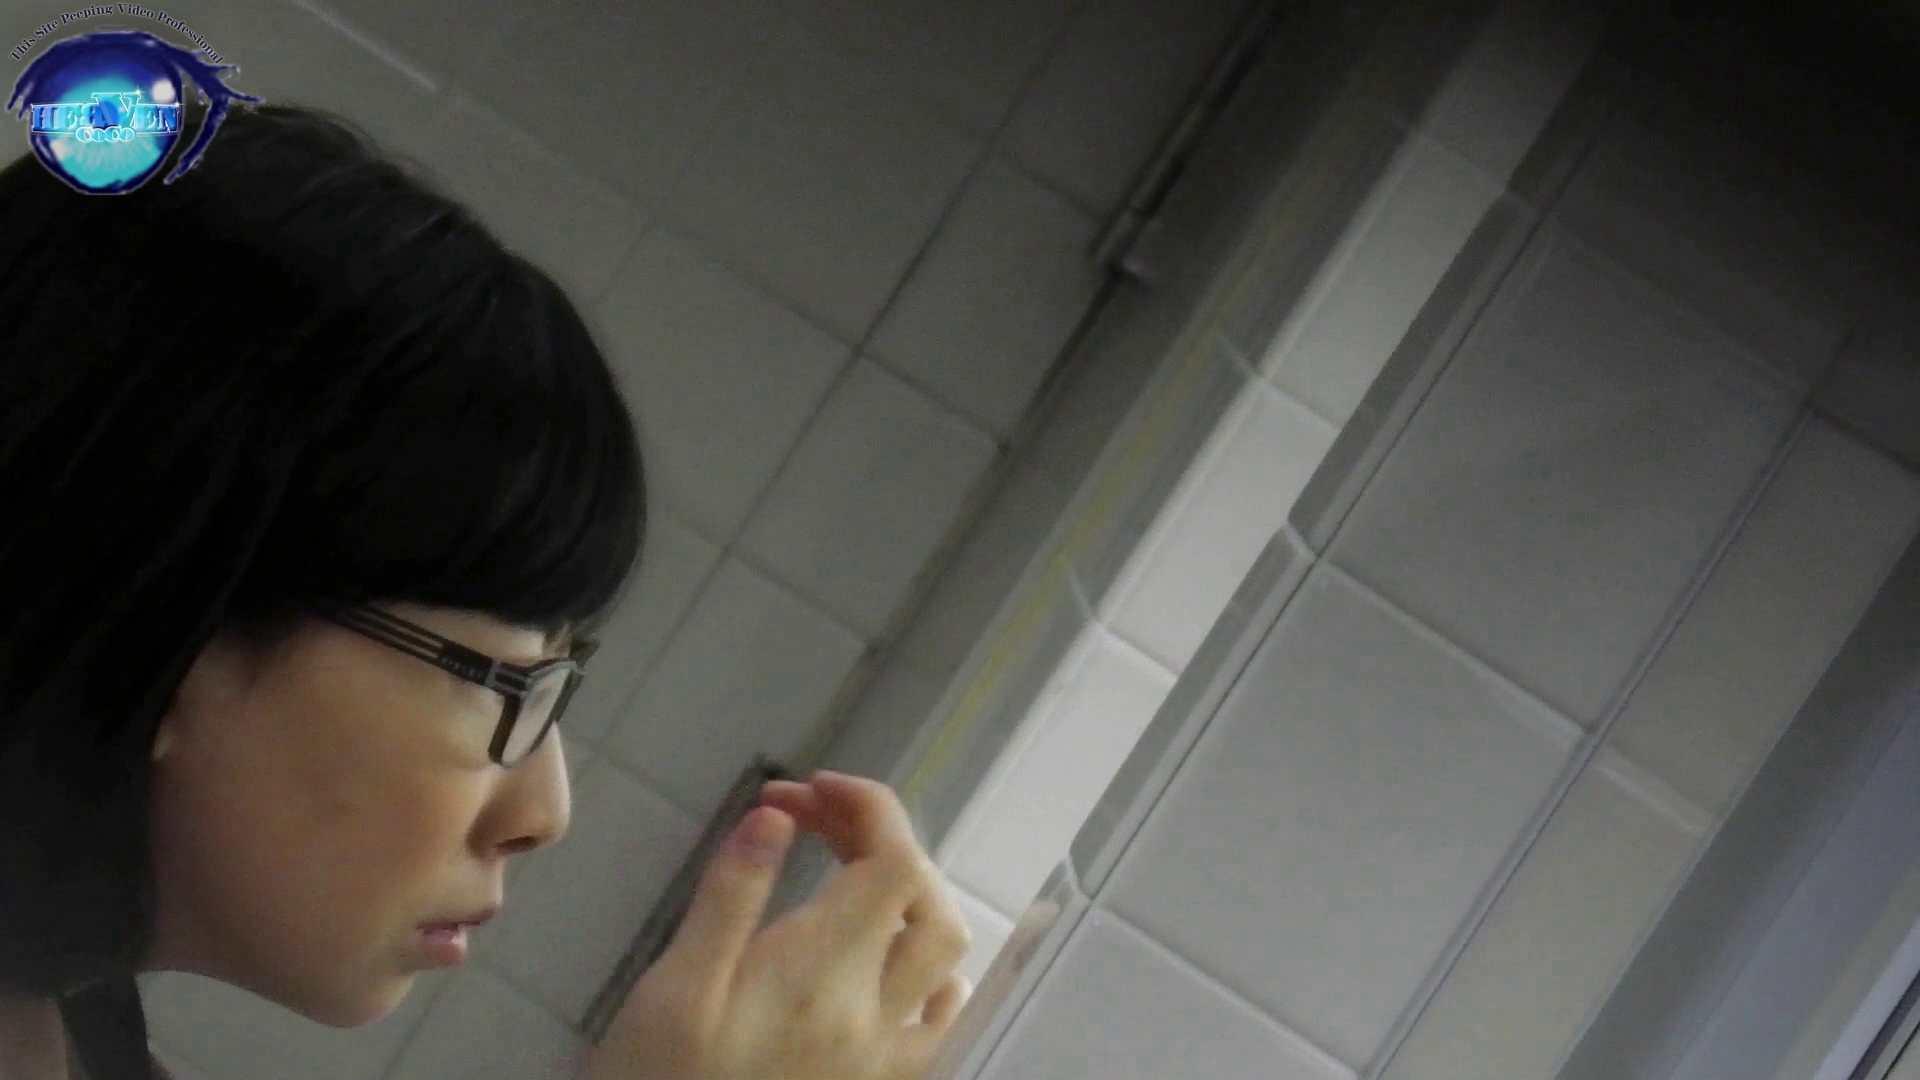 お銀さん vol.59 ピンチ!!「鏡の前で祈る女性」にばれる危機 前編 おまんこ見放題 | 盗撮シリーズ  83PIX 19